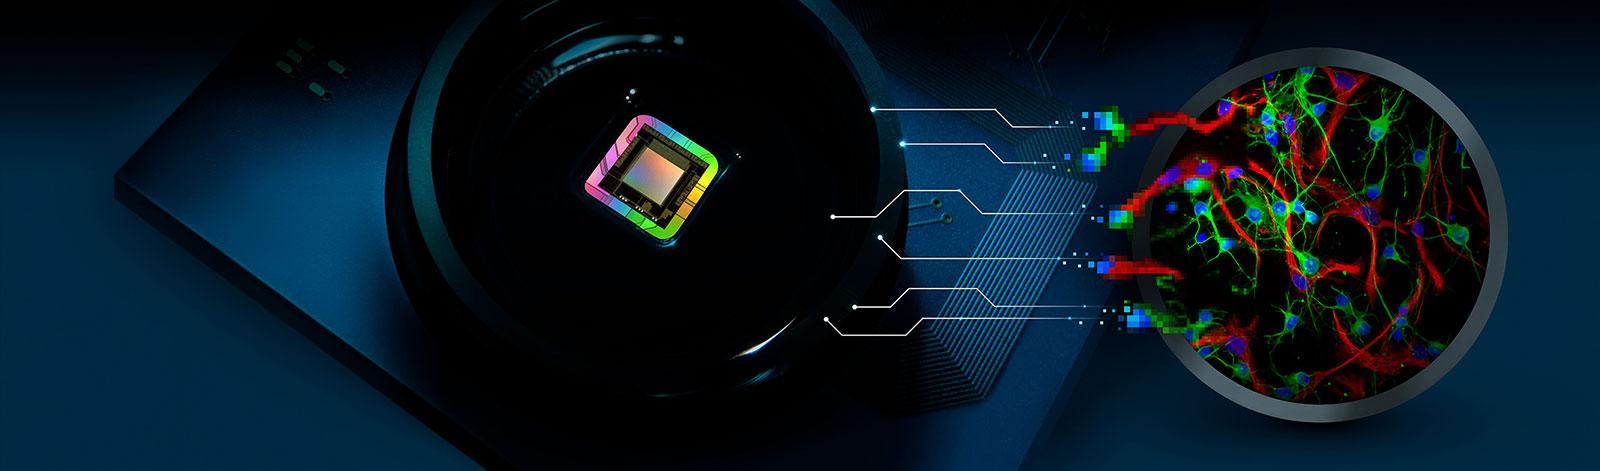 3Brain's CorePlate™ technology